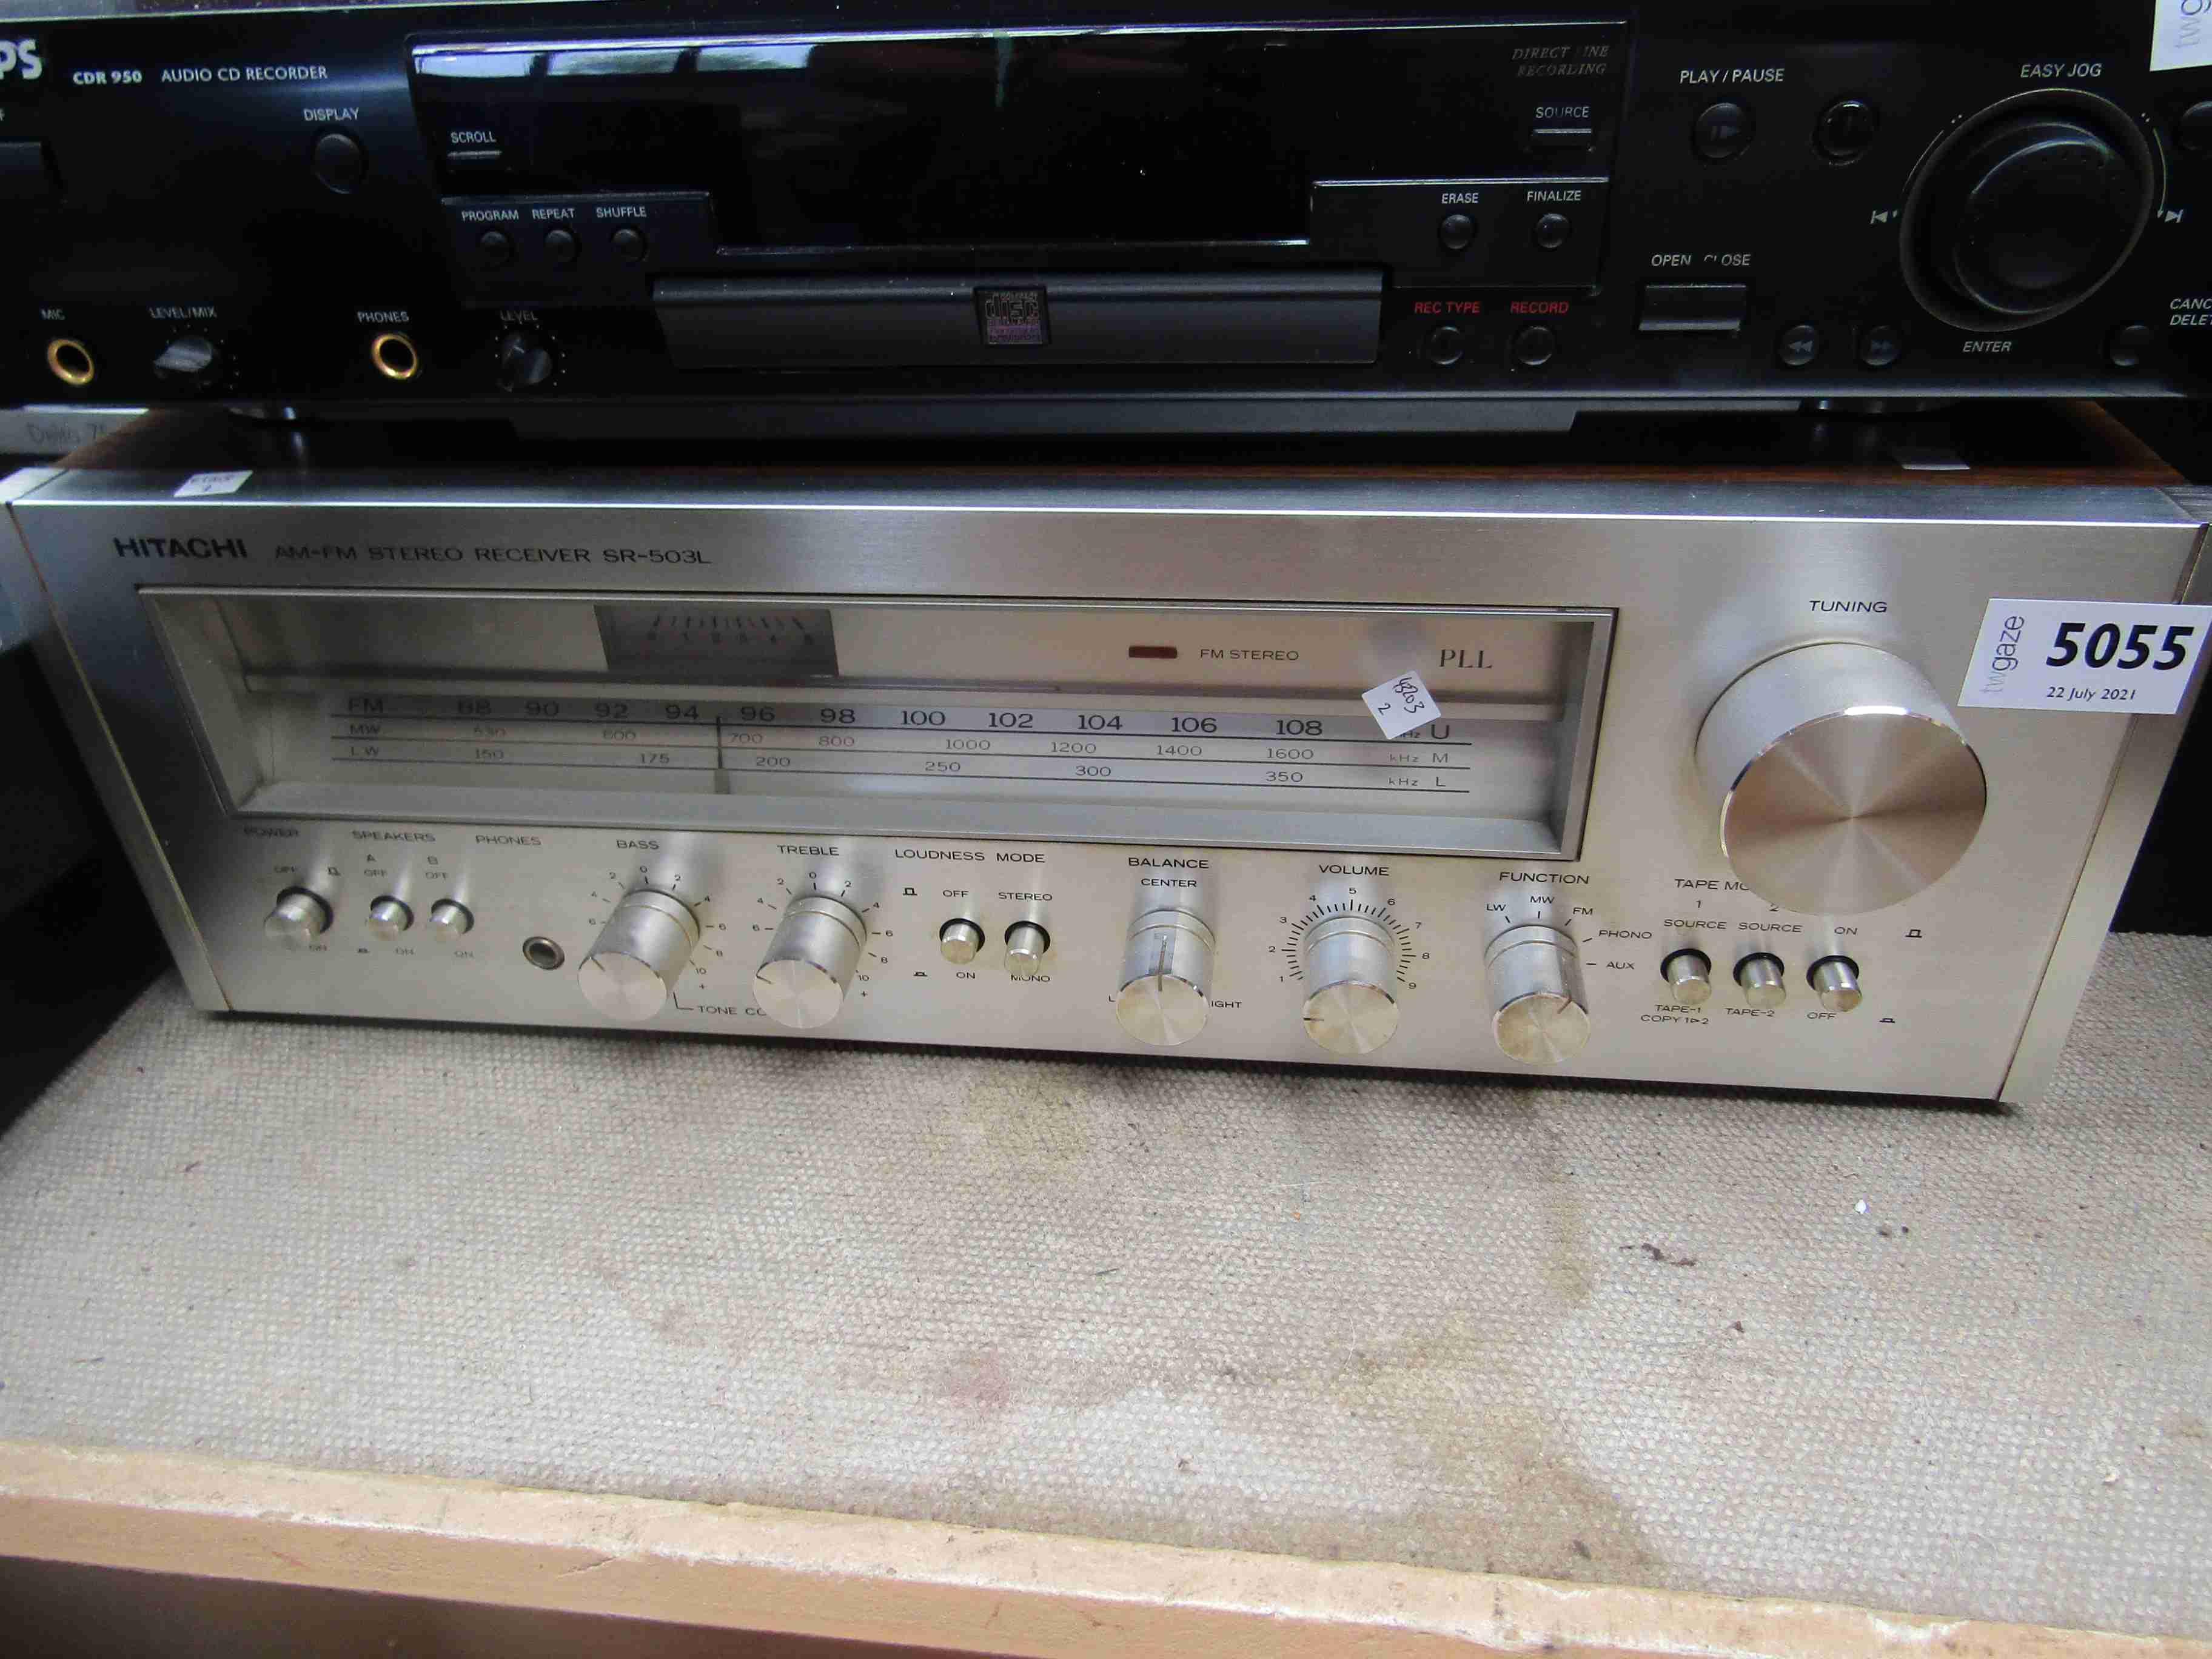 A Hitachi SR 503-L stereo reciever